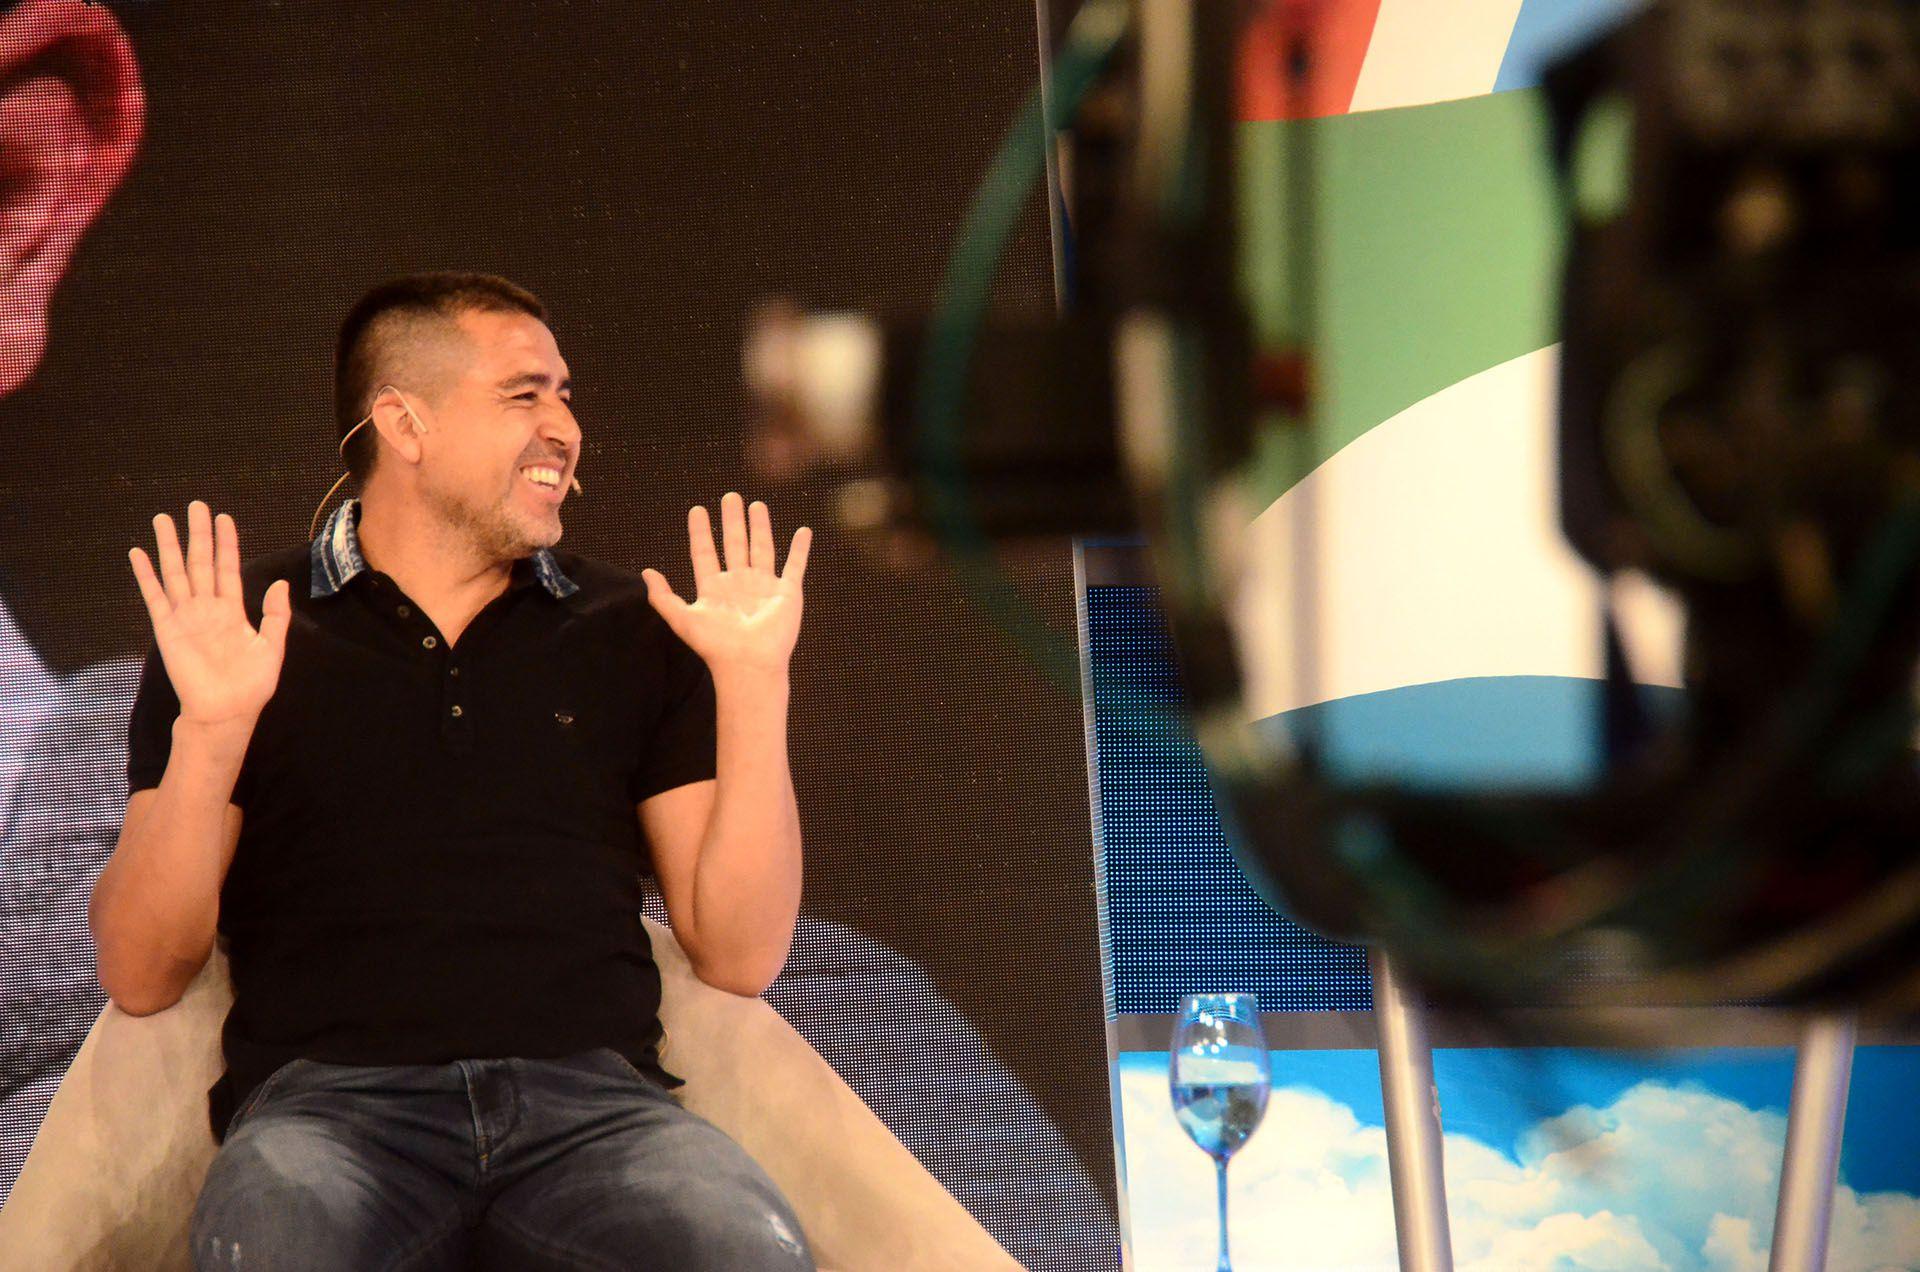 Riquelme ya tiene a su nuevo entrenador pero recién revelará quién es el lunes si gana las elecciones Ameal (Matías Arbotto)